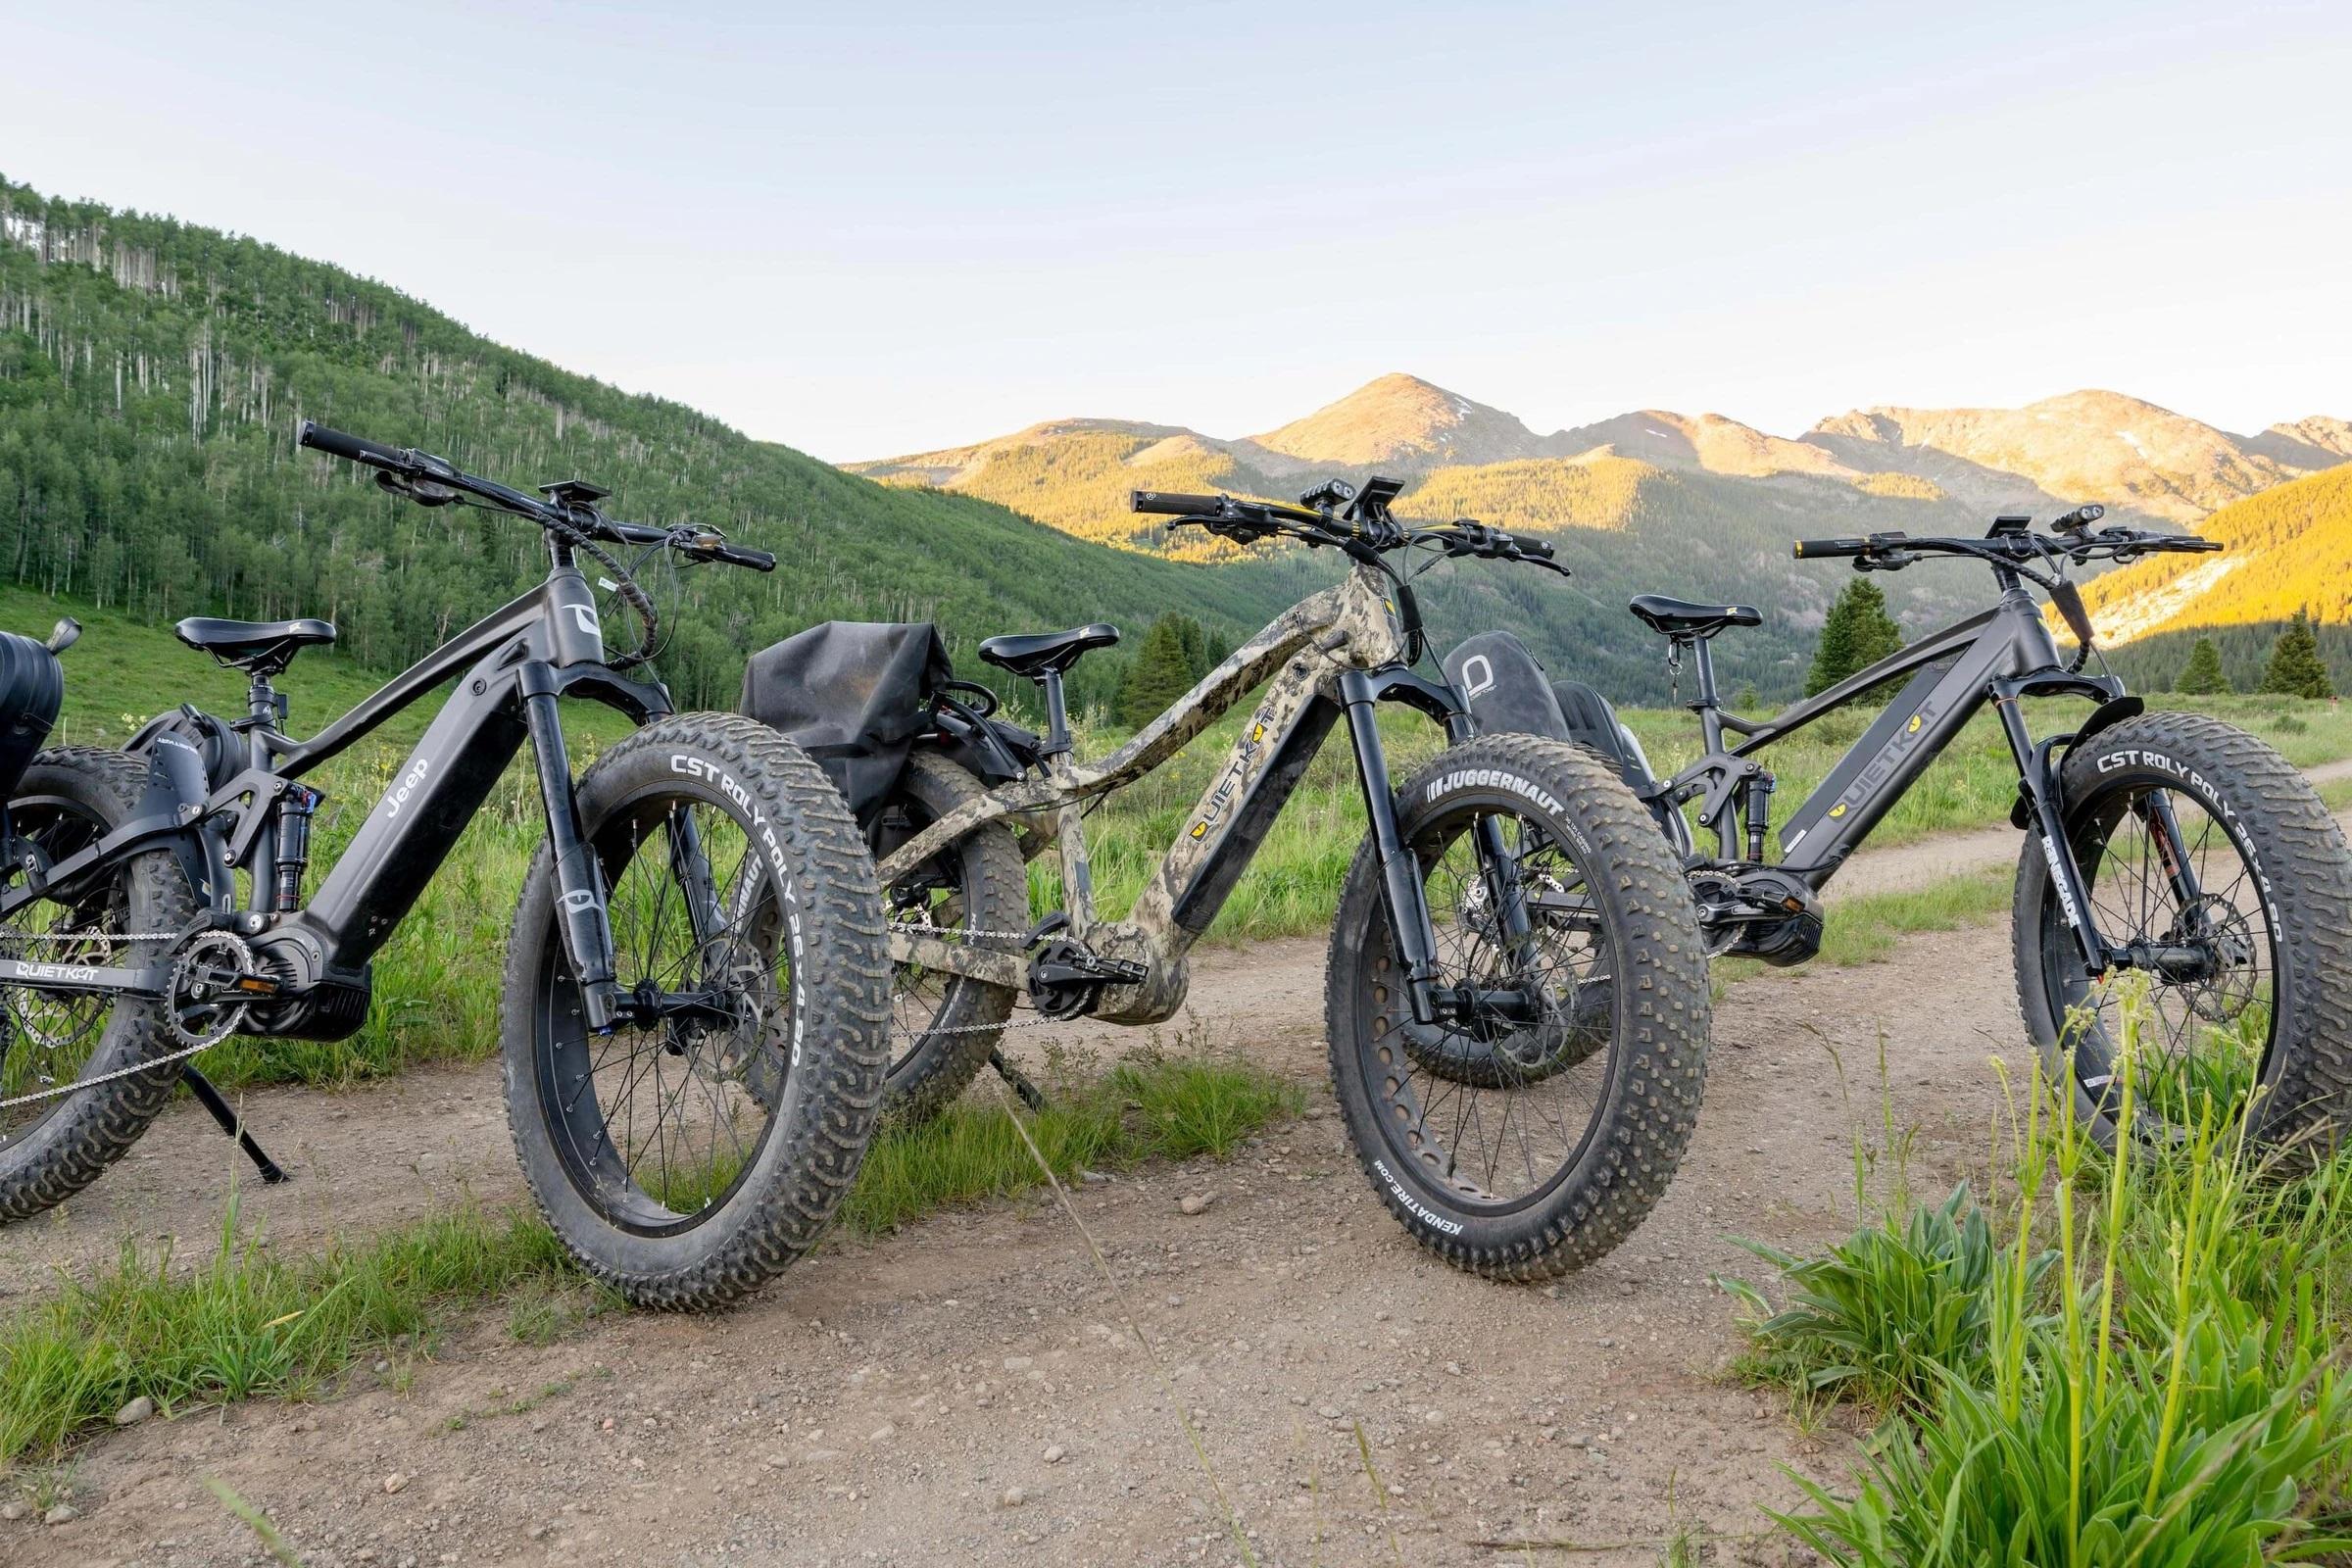 QuietKat Ranger e-bike Top class motor and battery